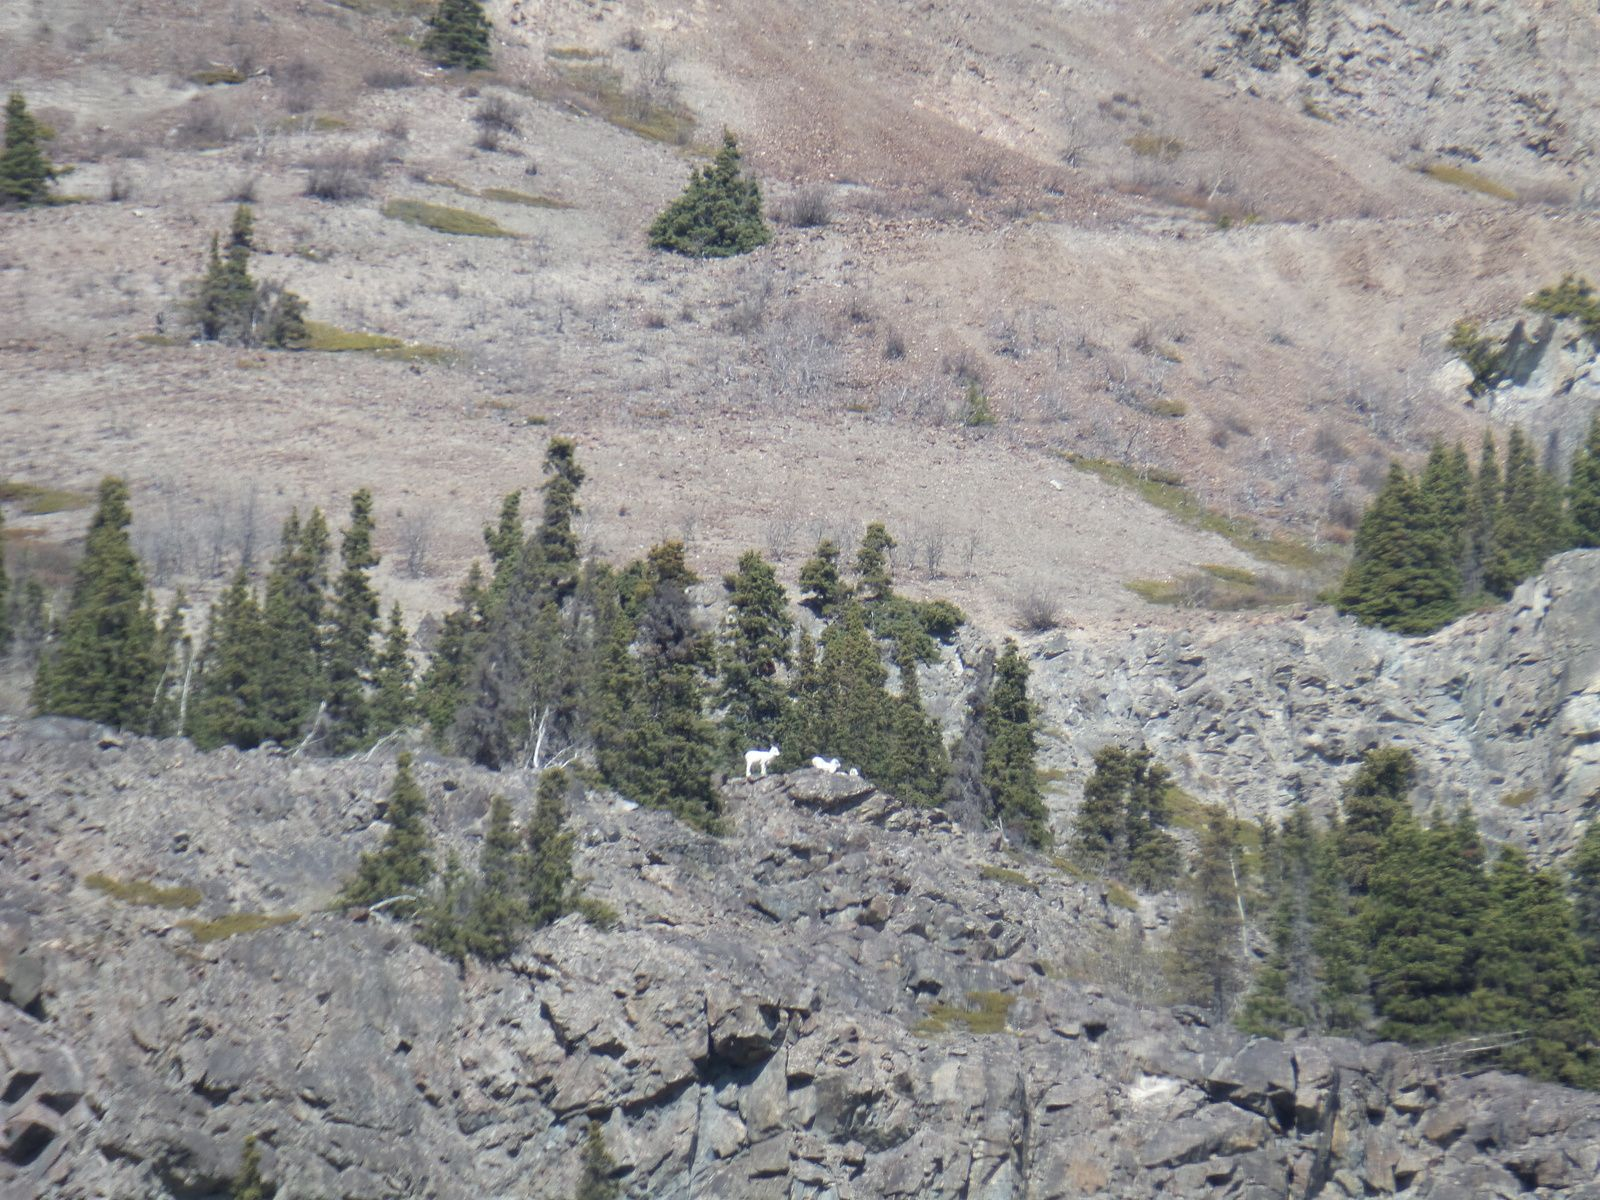 J'aperçois des mouflons au loin juste avant de terminer ma randonnée